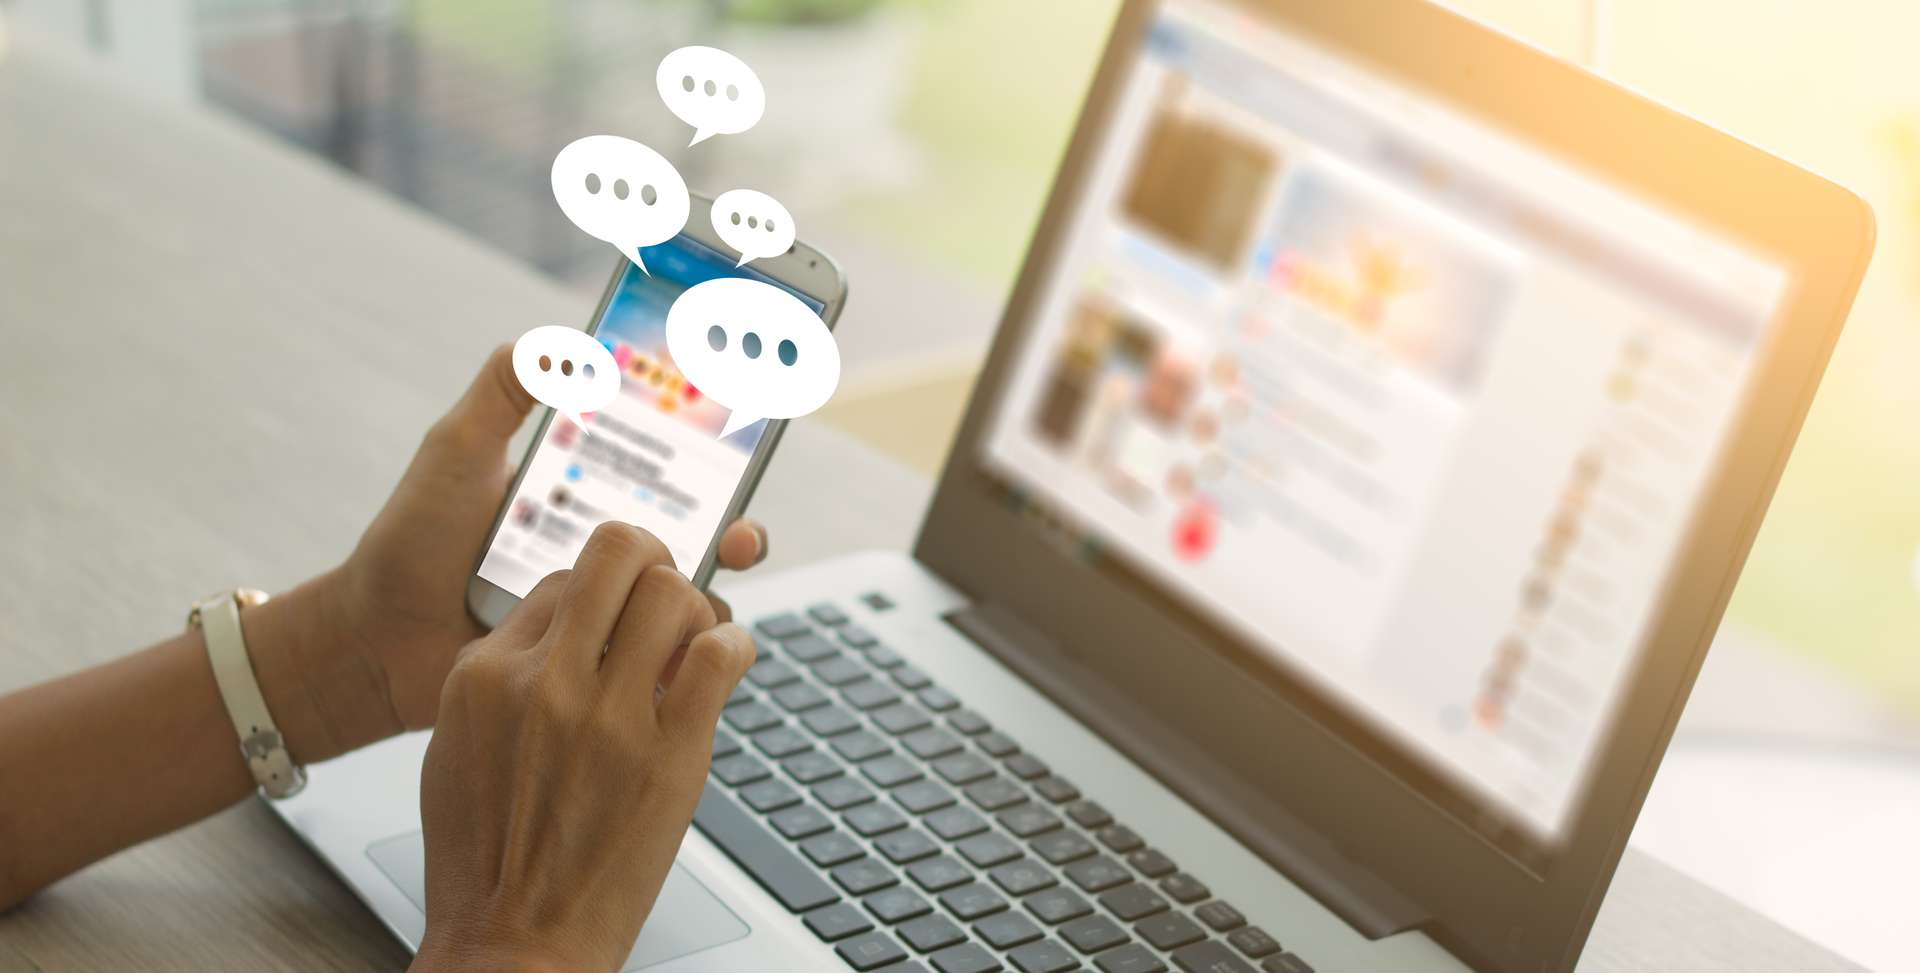 Tips Bisnis Salon: Bangun Interaksi dengan Pelanggan di Media Sosial, Xperience Team